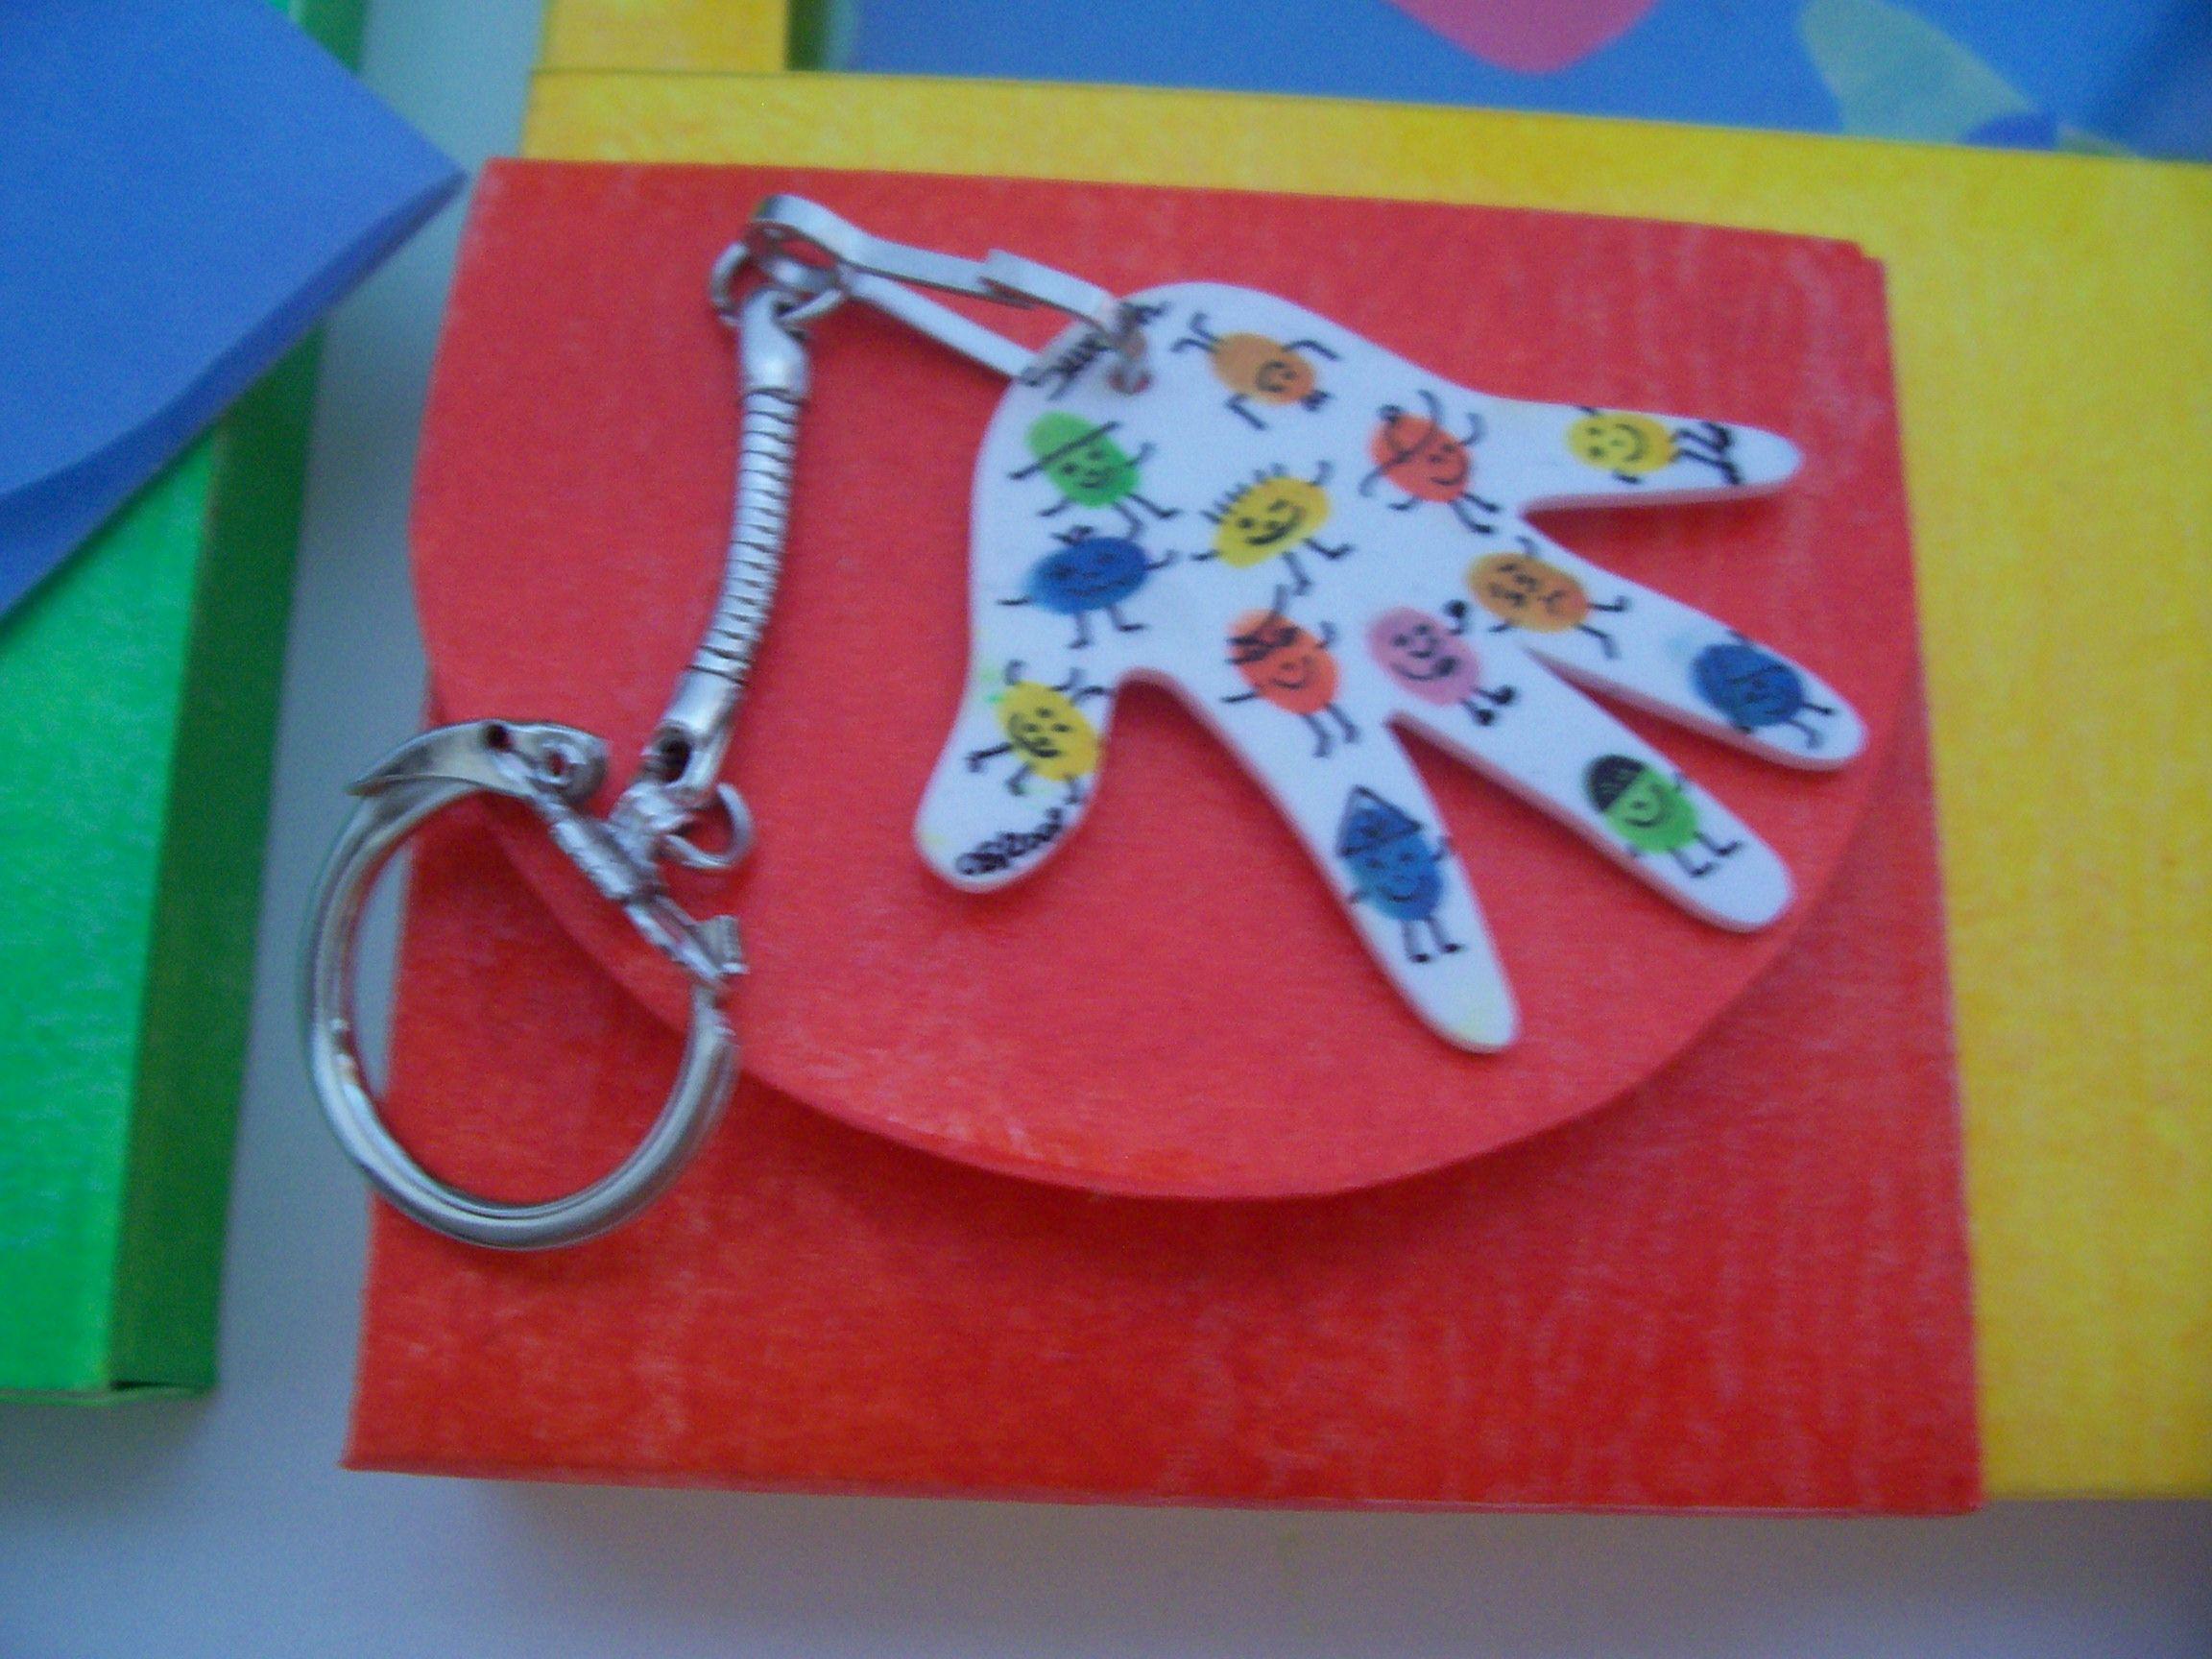 Cadeaux Fete Des Peres se rapportant à activites pour la fete des peres ou cadeau d anniversaire - page 7